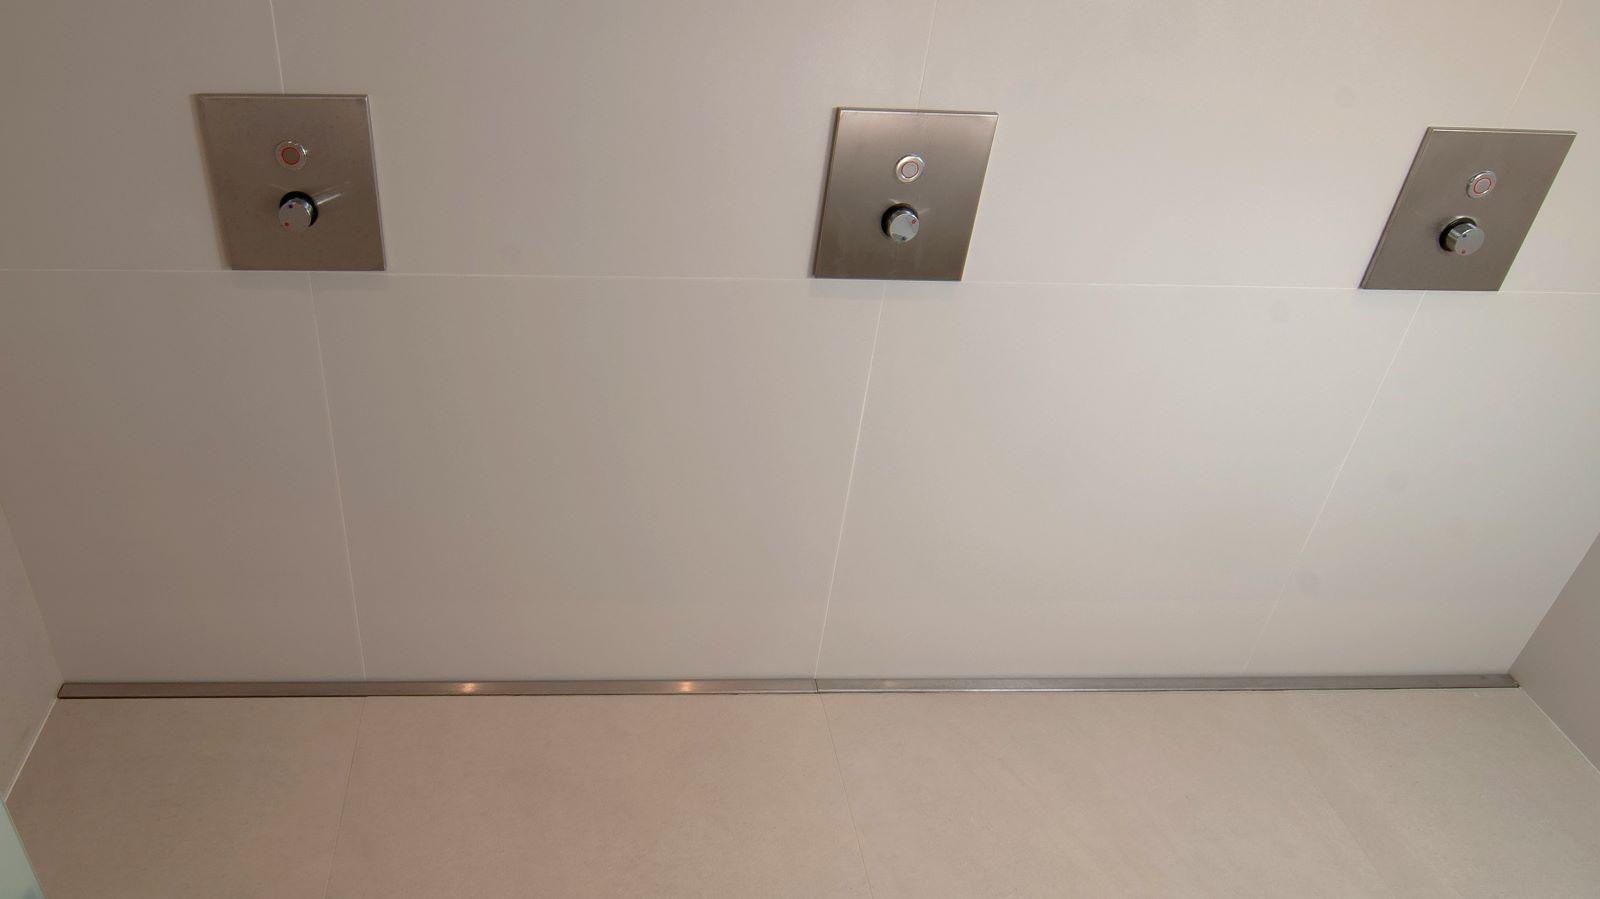 Flache duschrinnen mit seitlichem ablauf optimieren haeufig die planung oeffentlicher duschen durch profis. Fuer barrierfreie duschen ist haeufig die hier gezeigte hochwertige, sehr flache V4A edelstahl-duschrinne pro mit seitlichem ablauf optimal für einen direkten anschluss der duschentwaesserung an das fallrohr.